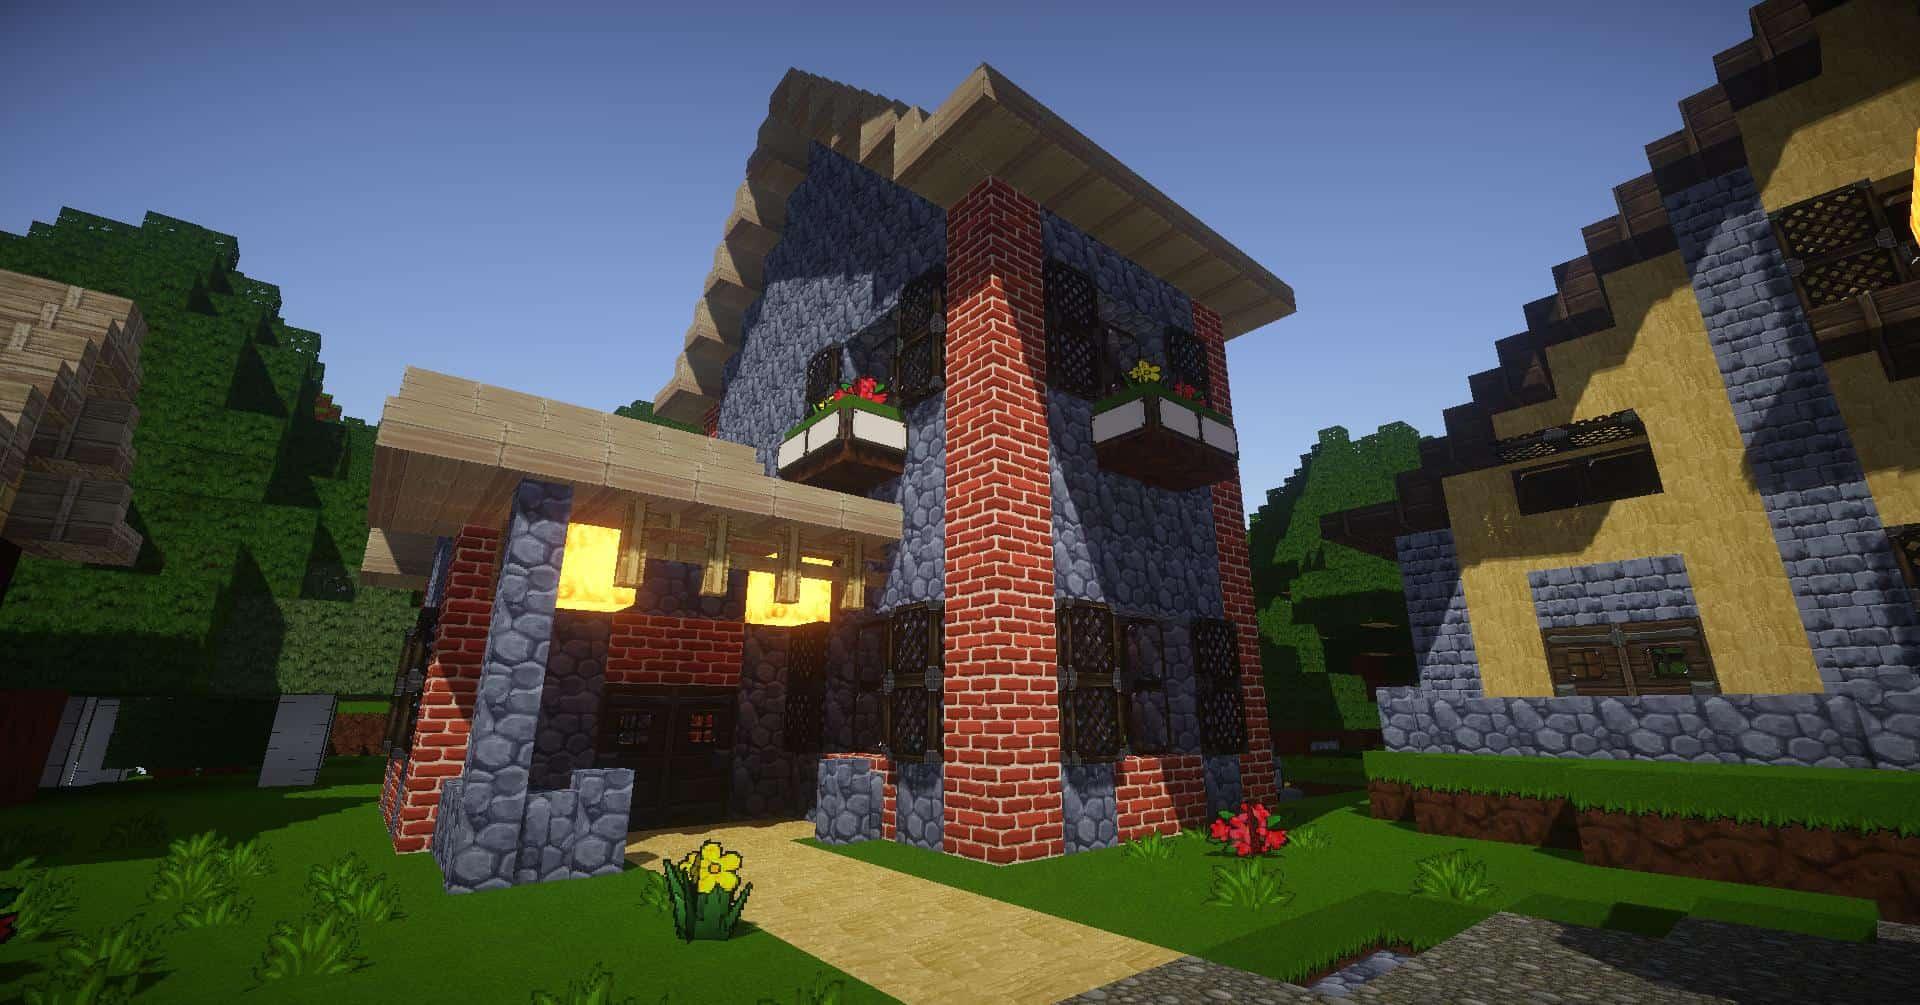 Une bien jolie maison n'est-ce pas ?